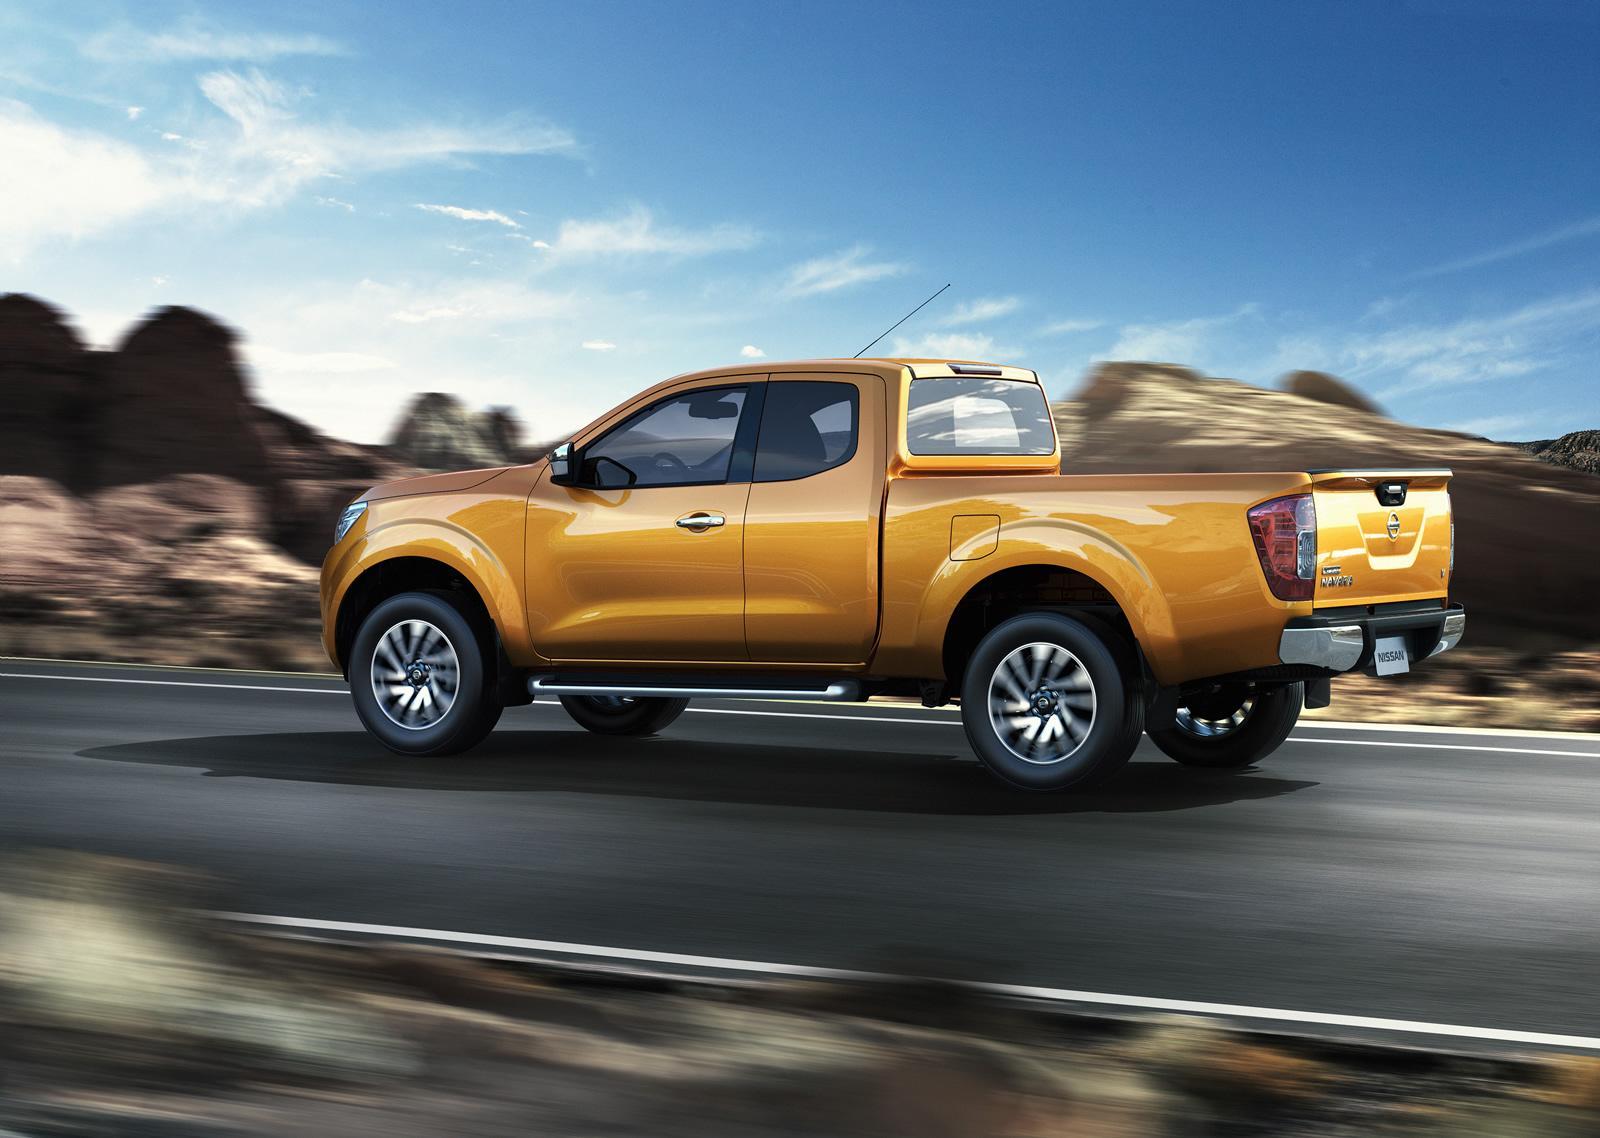 Nissan Navara thế hệ mới được trang bị động cơ diesel 4 xi-lanh